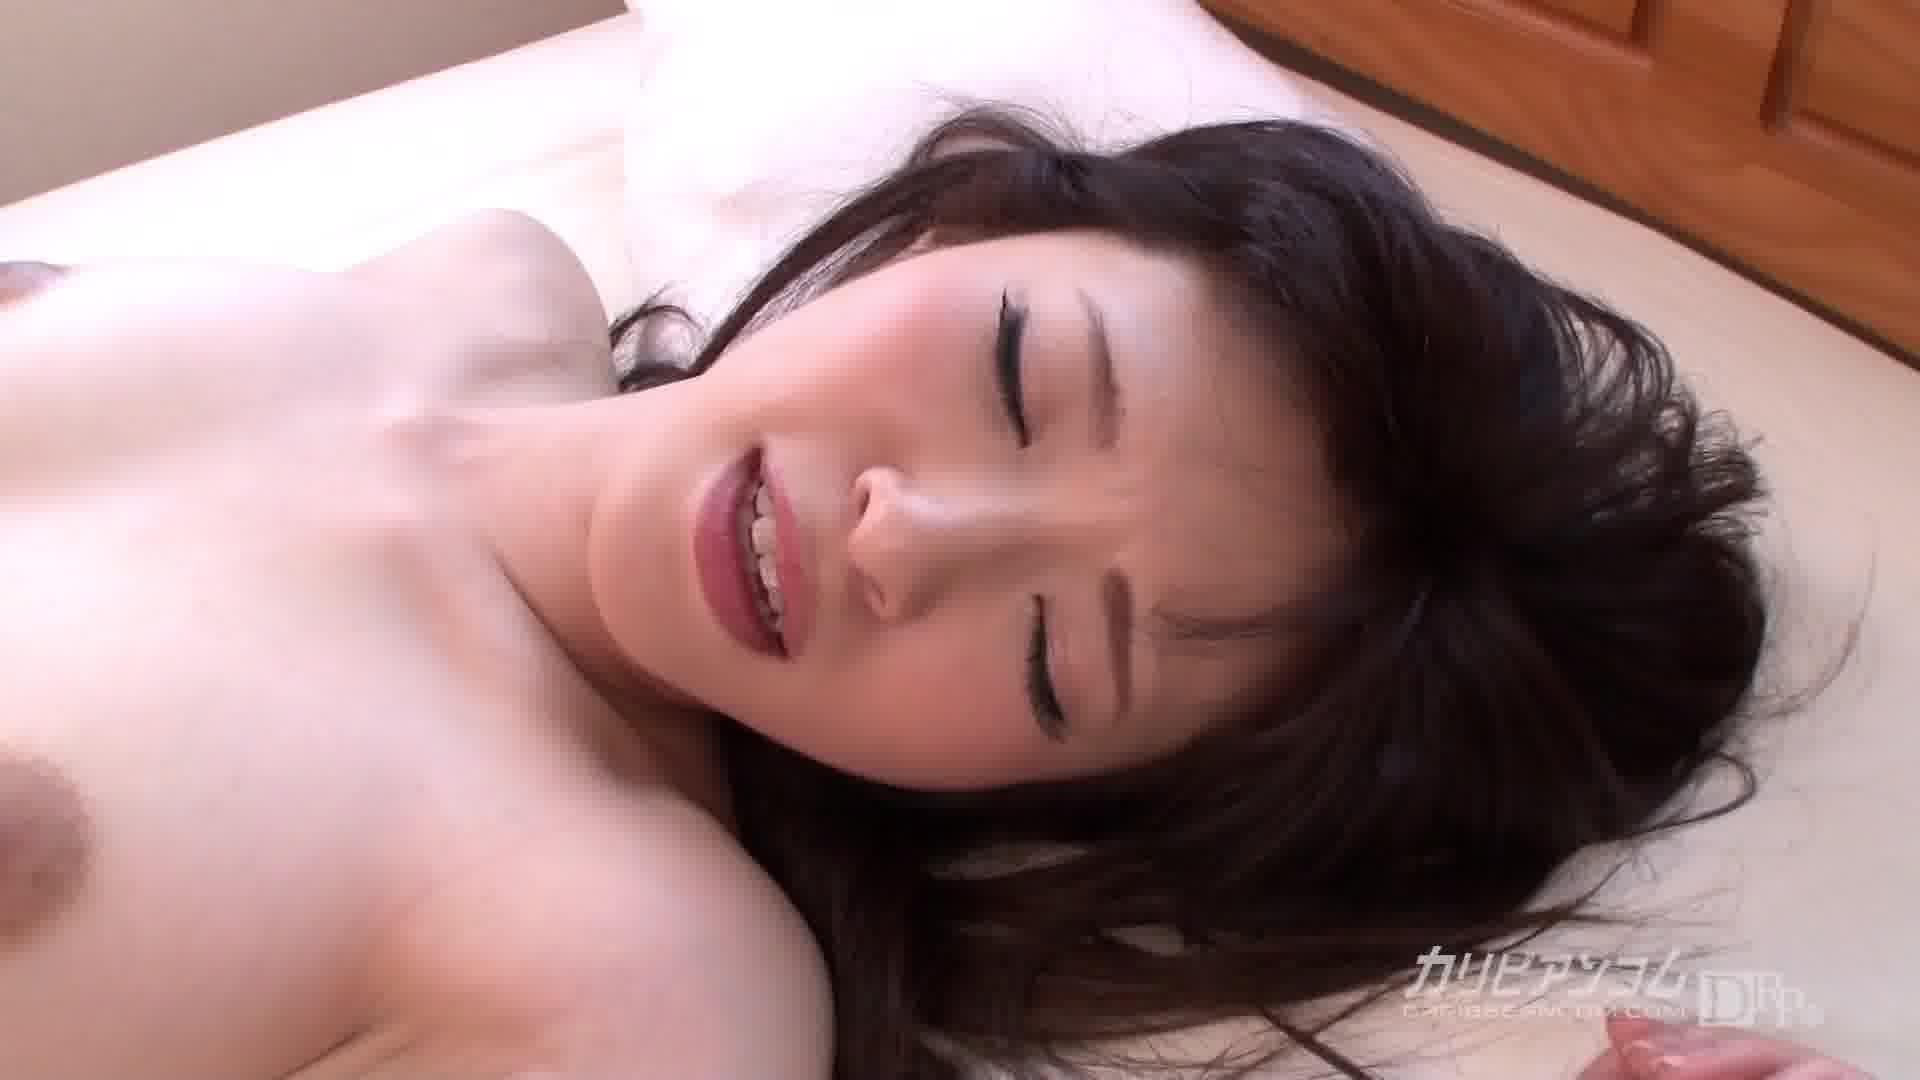 女優魂 ~ちゃんと前戯もしてよお~ - 百合川さら【クンニ・ぶっかけ・イラマチオ】